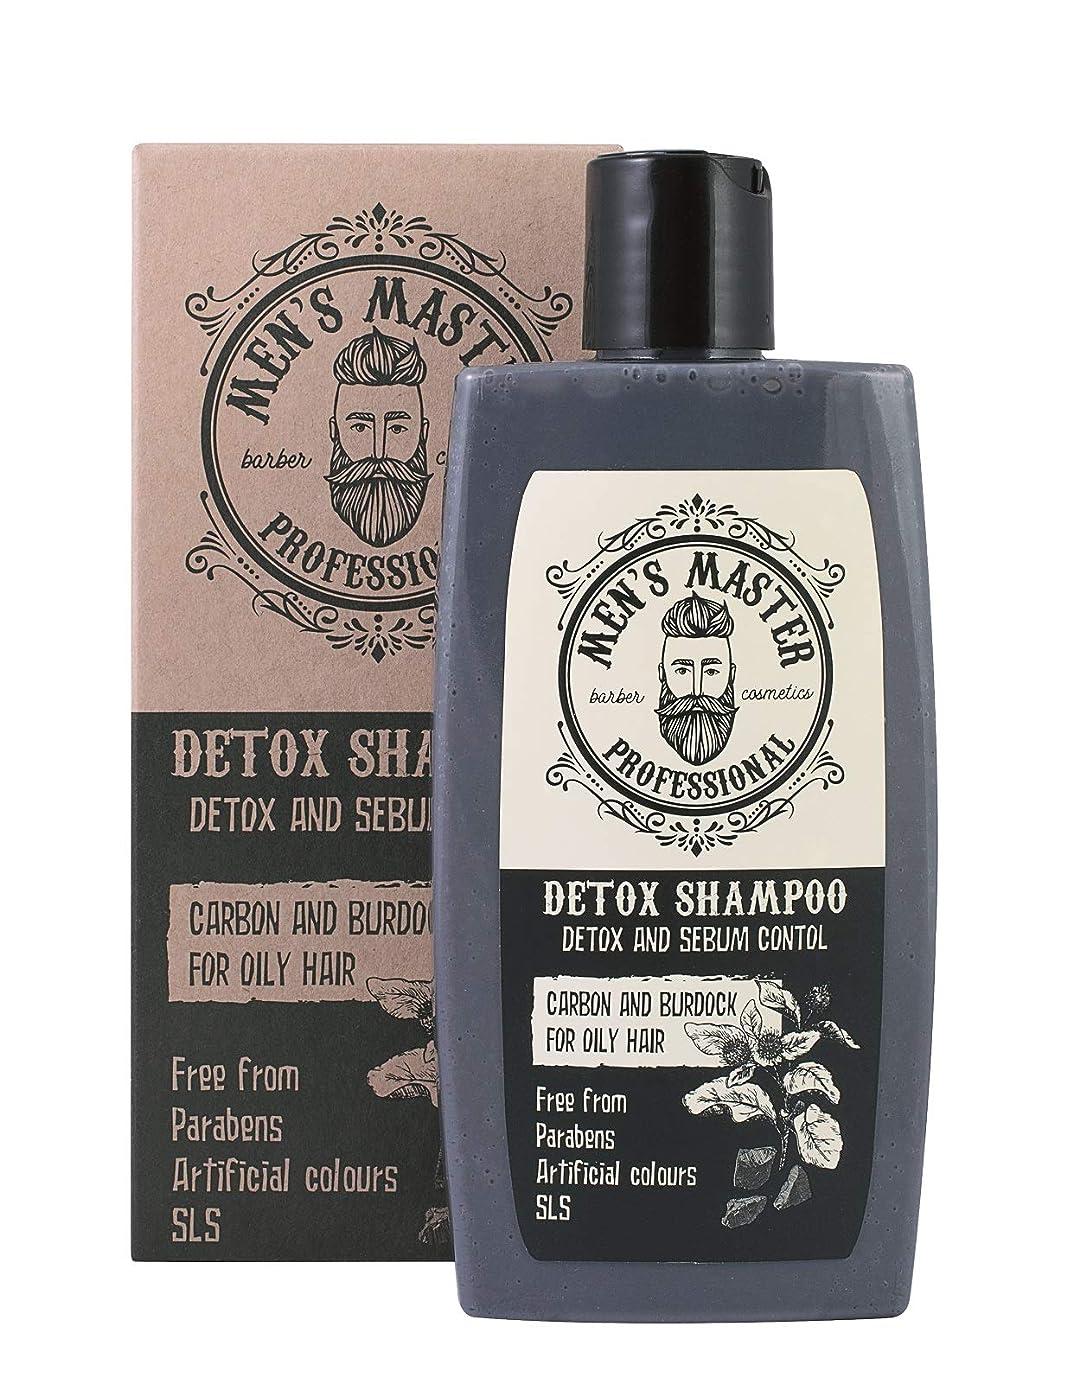 付録激しい息子デトックスシャンプー男性用、活性炭とごぼう用化粧品、パラベン、硫酸フリー、男性用マスター260 ml